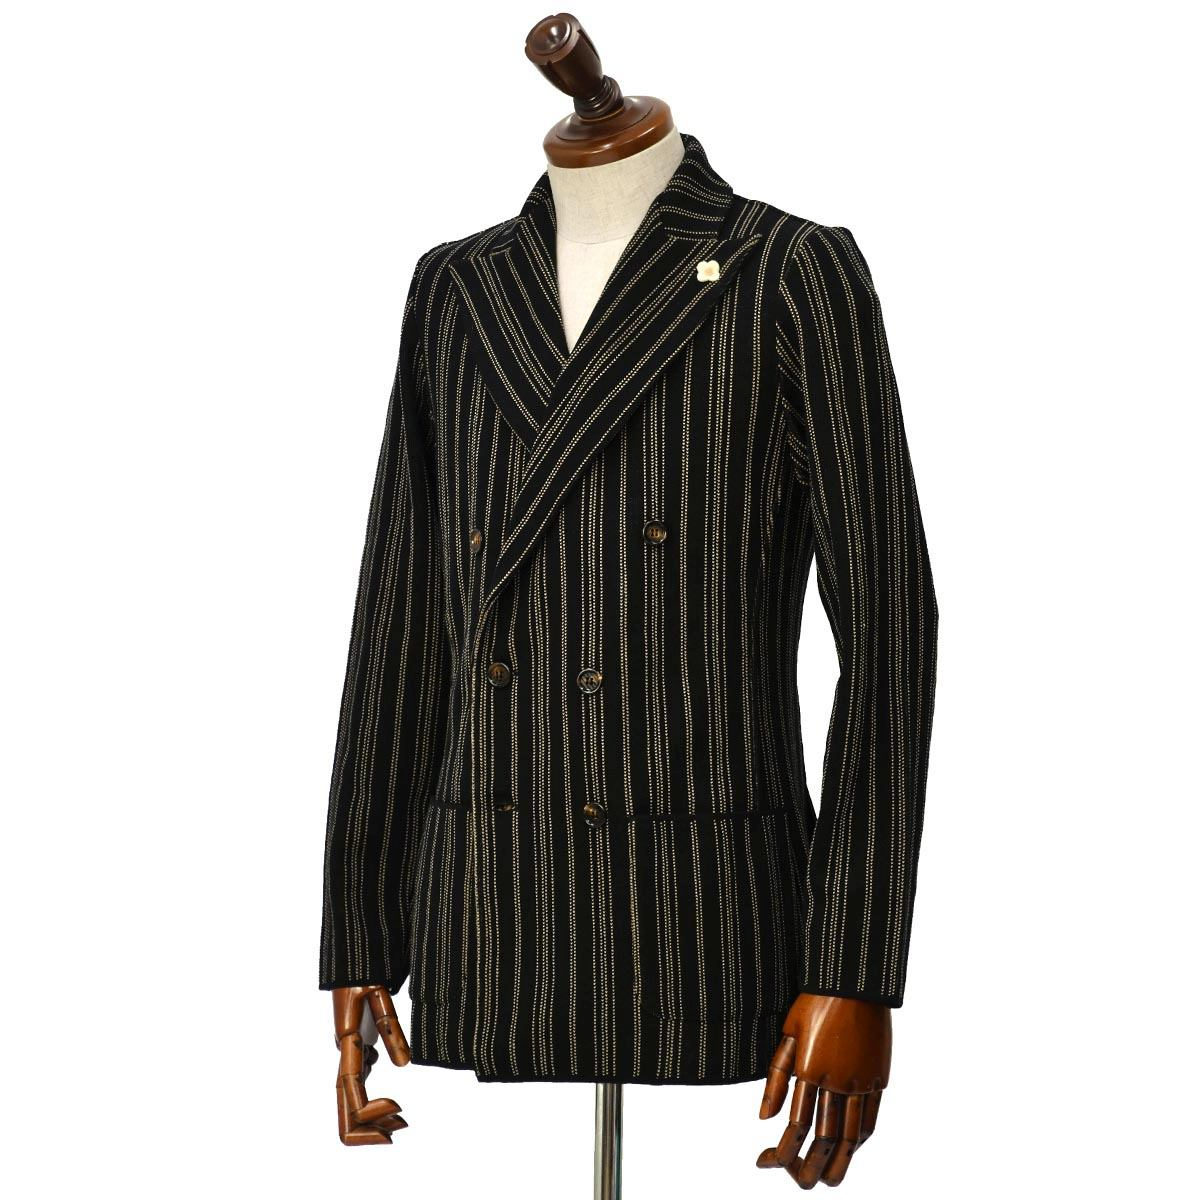 LARDINI【ラルディーニ】ダブルニットジャケットをご紹介致します。